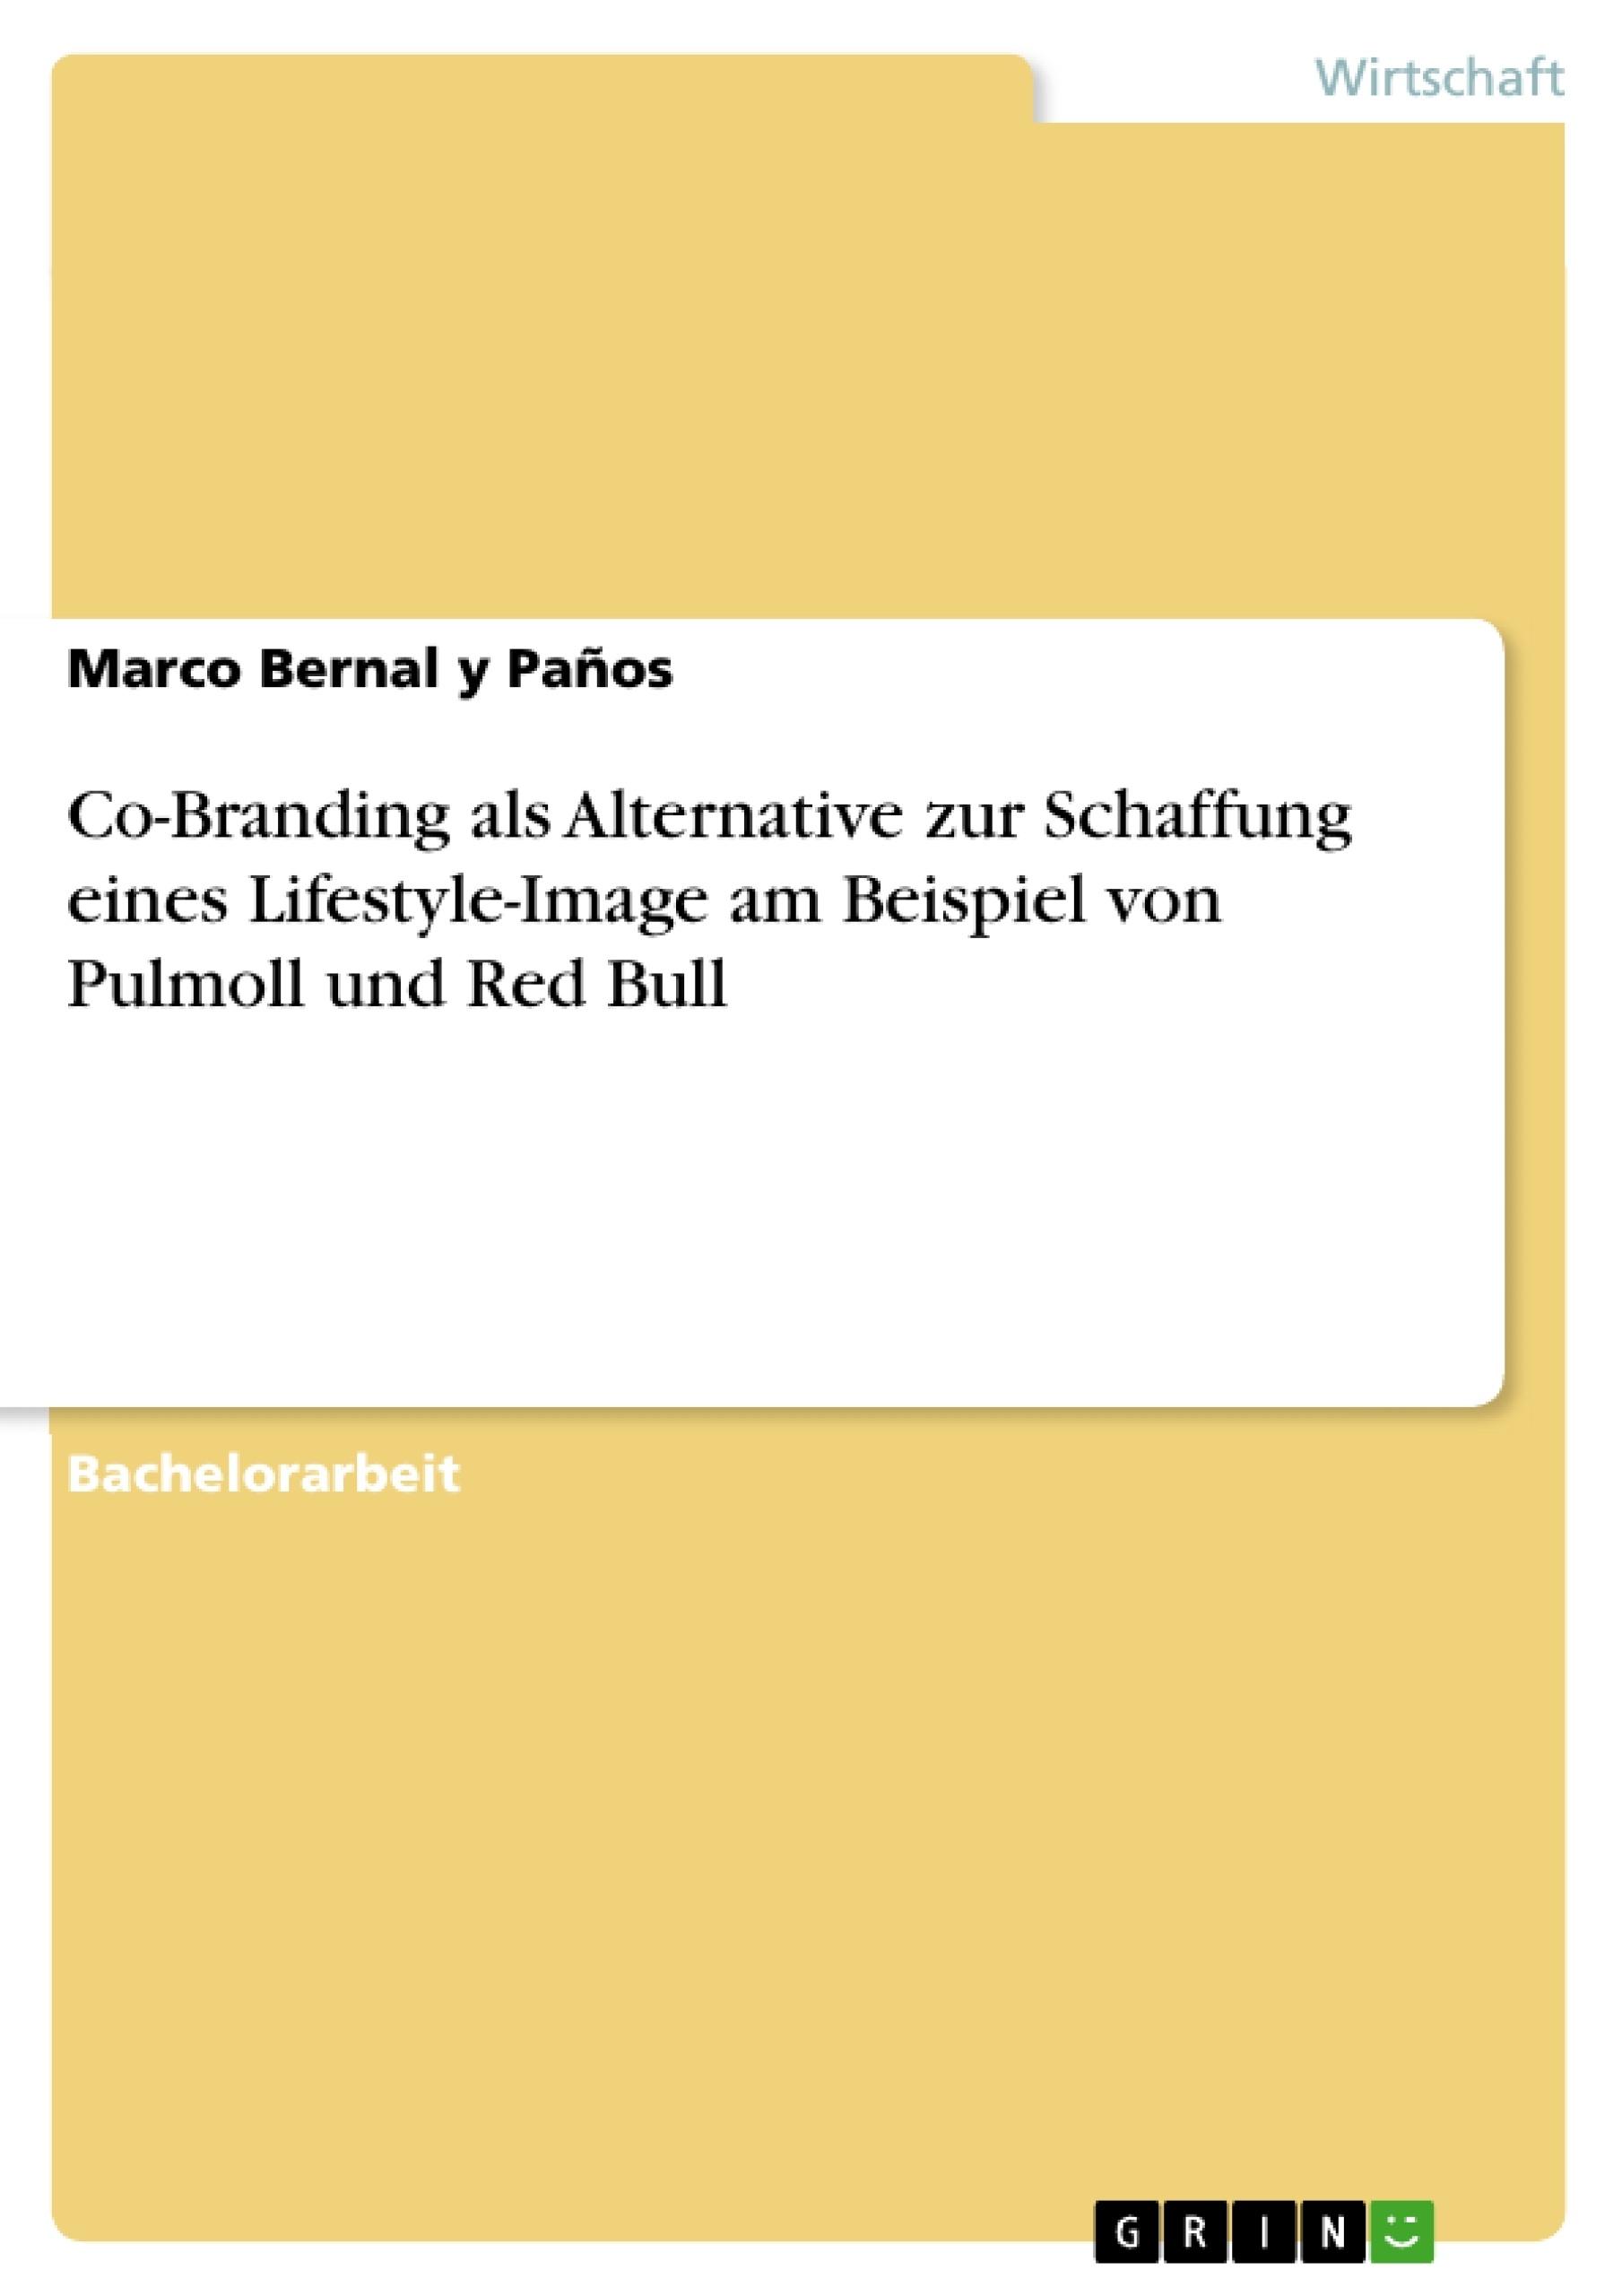 Titel: Co-Branding als Alternative zur Schaffung eines Lifestyle-Image am Beispiel von Pulmoll und Red Bull